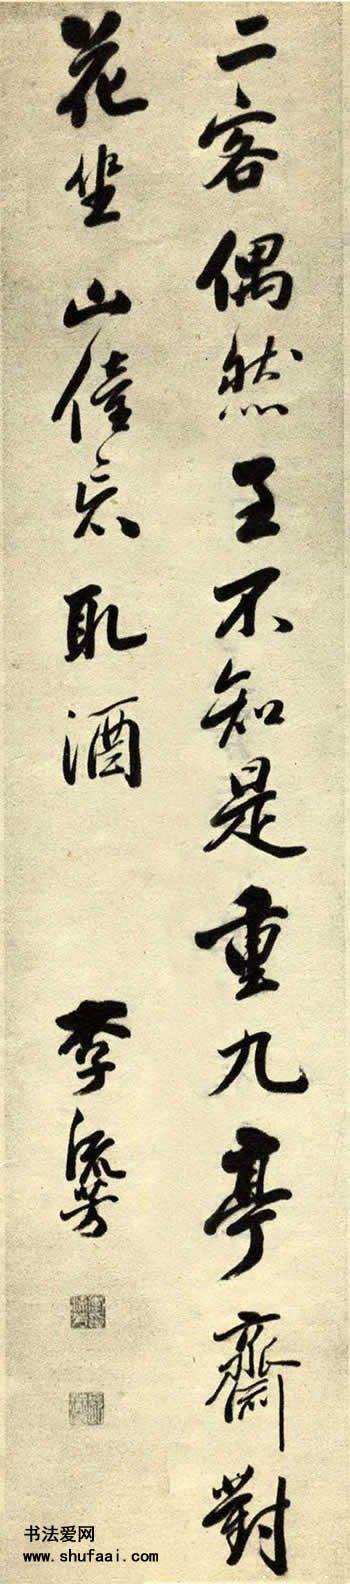 李流芳 行书五言诗轴